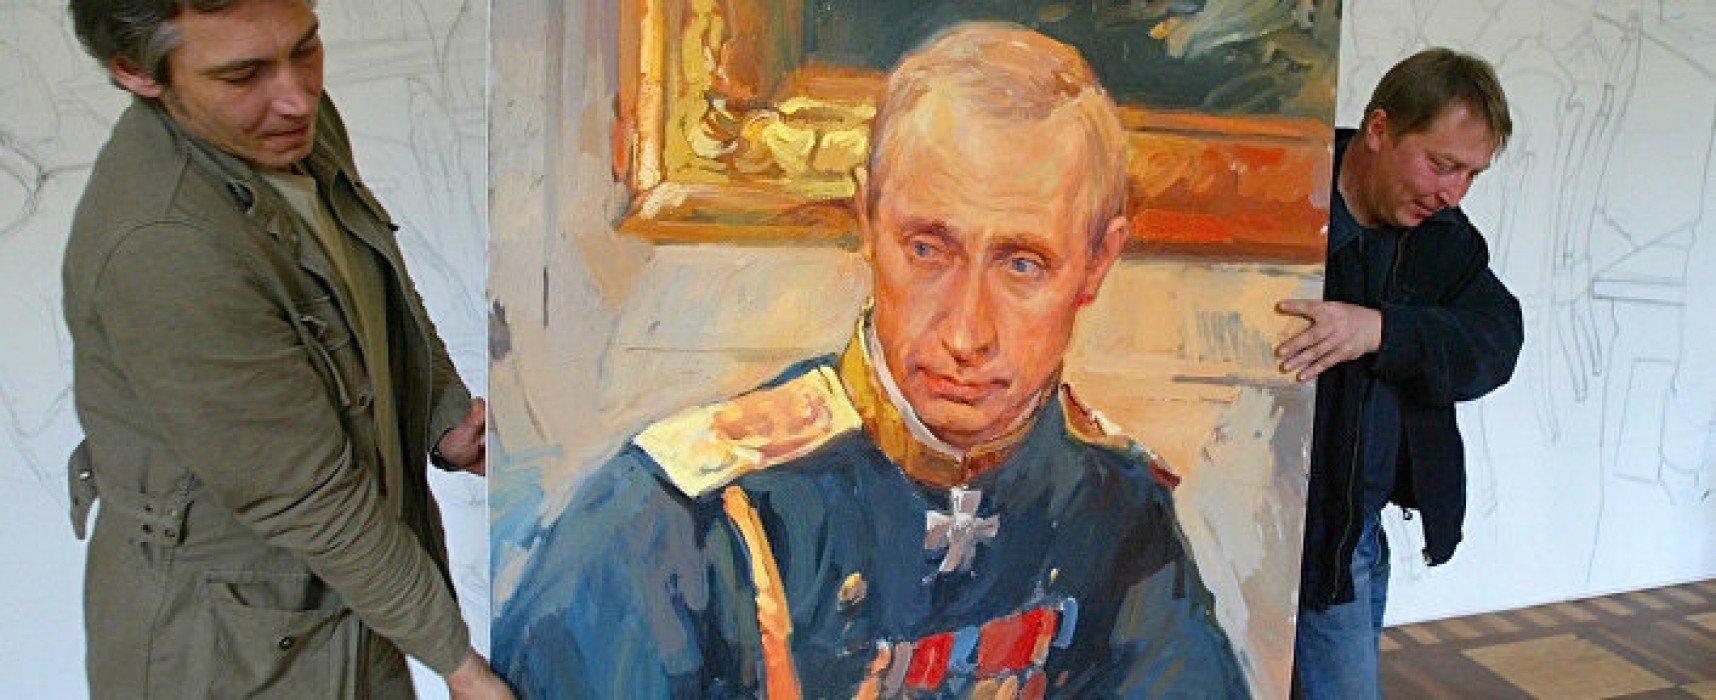 Руската пропаганда ще усили акцента върху историята